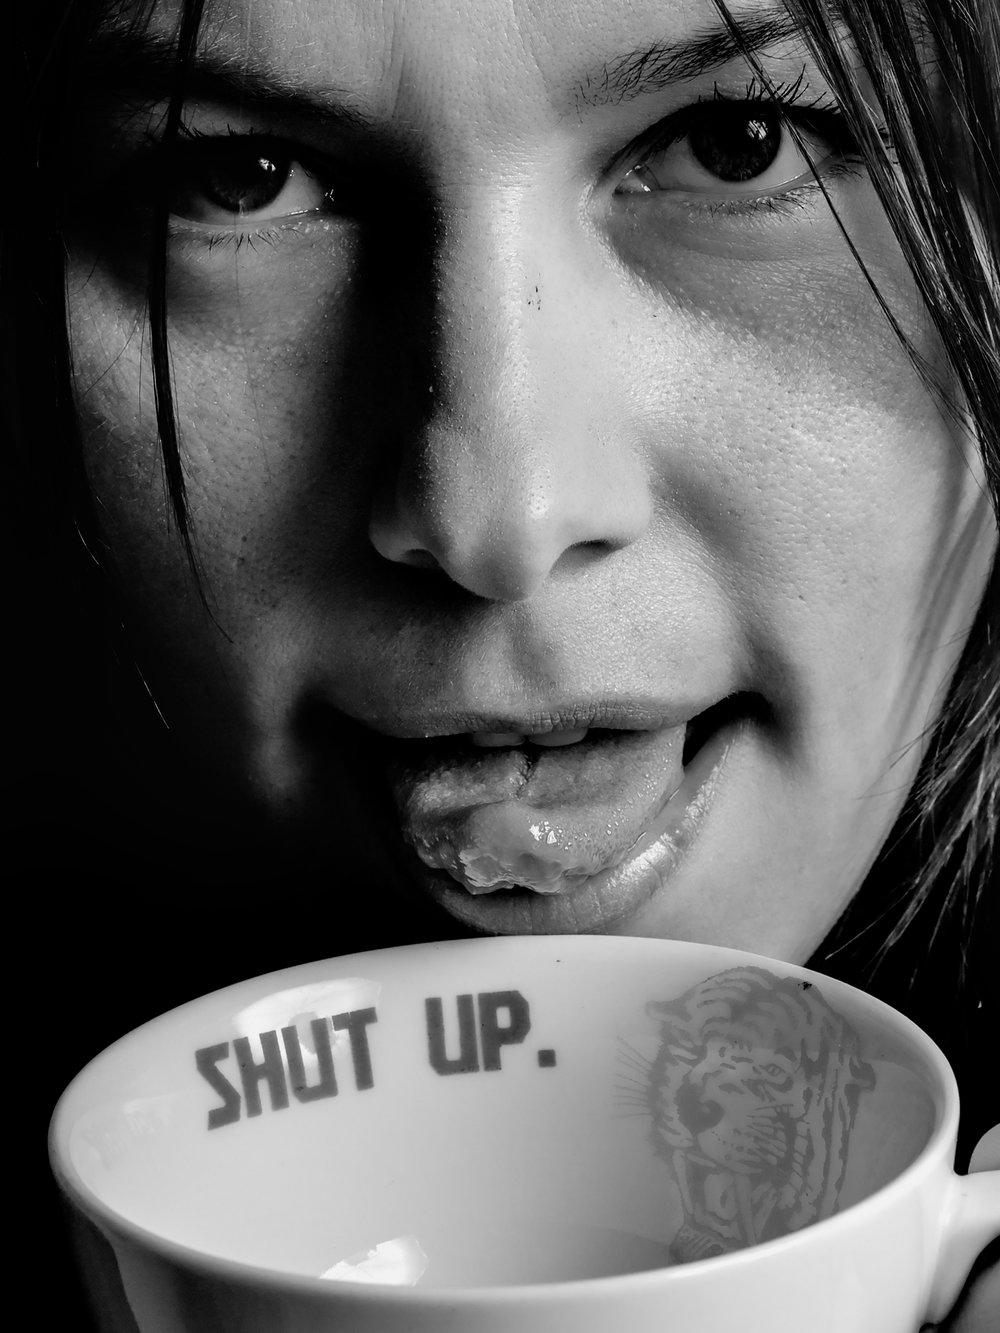 shut-up1.jpg